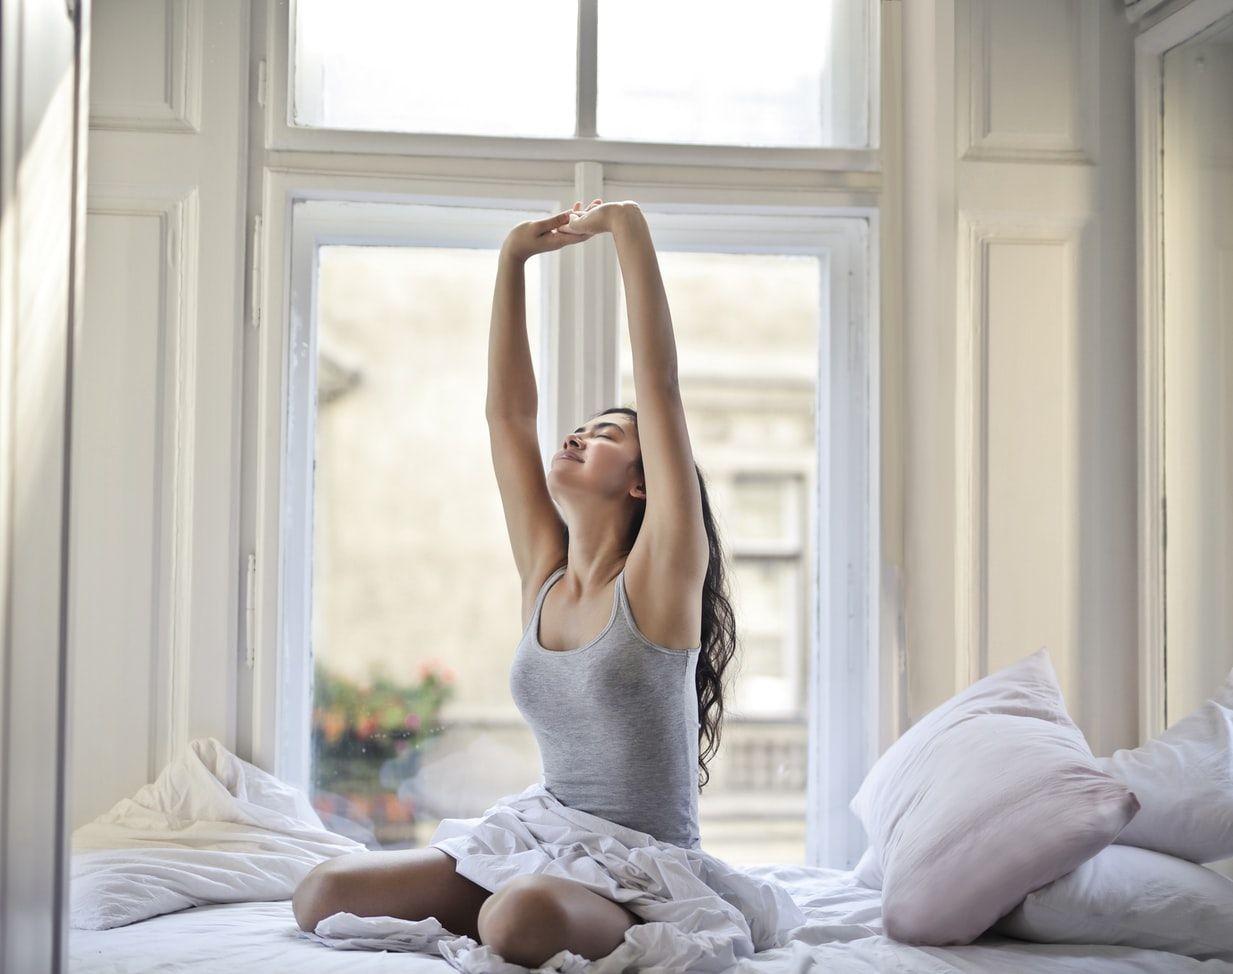 Сон отлично прогоняют физические упражнения